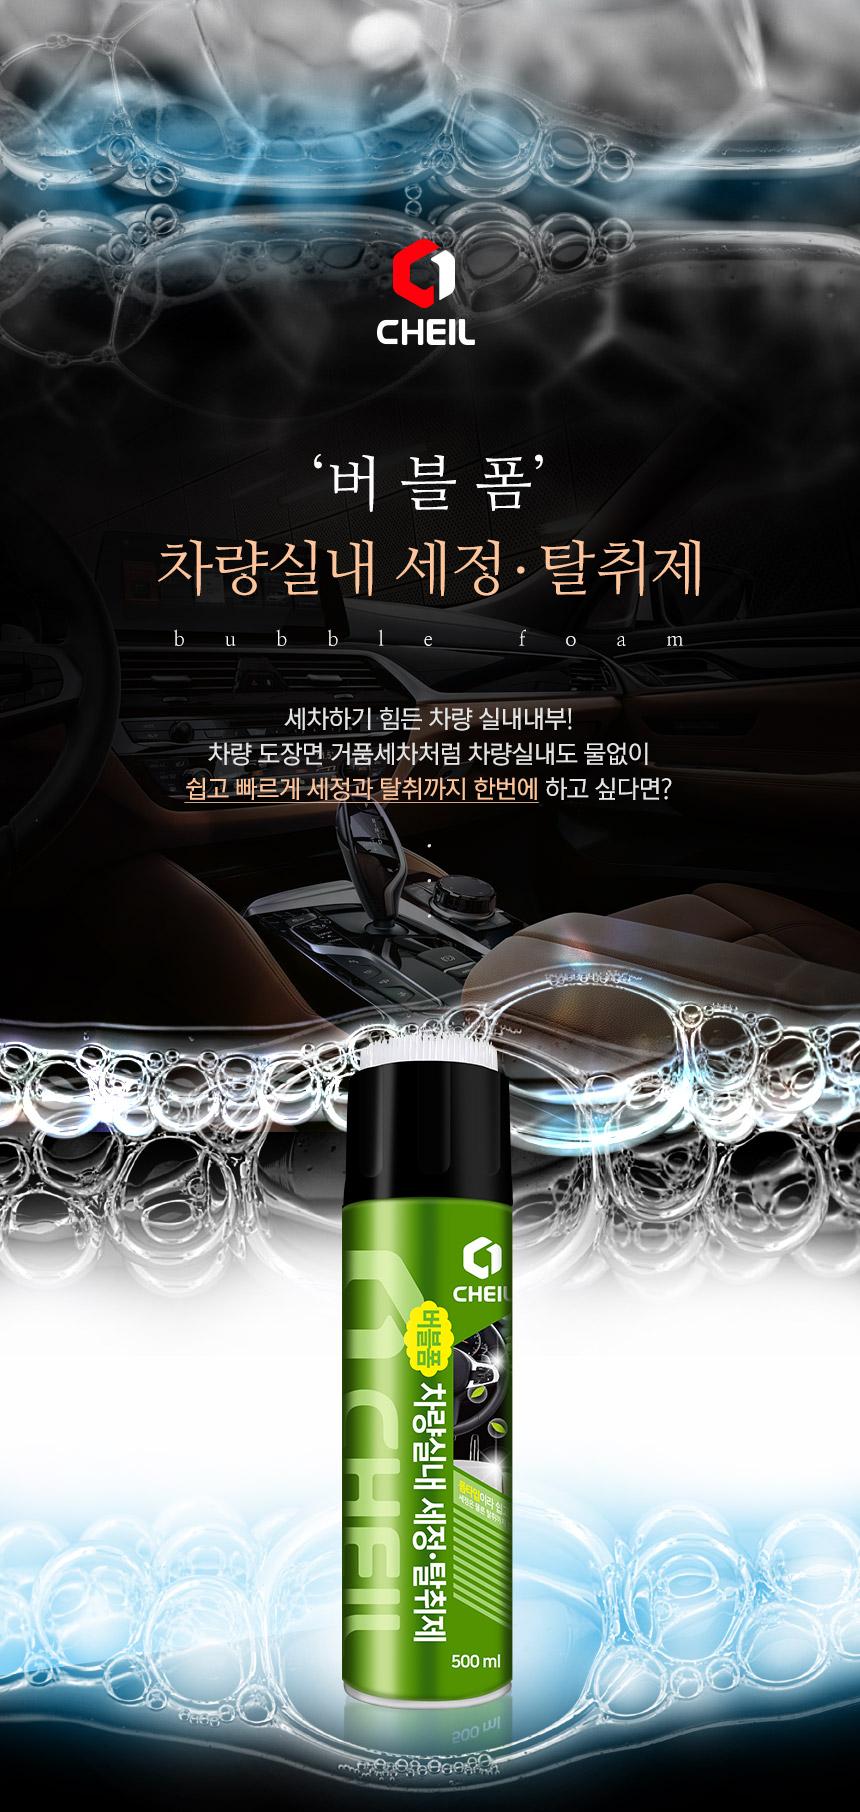 cheil_bubble_foam_cleaner_01_093344.jpg